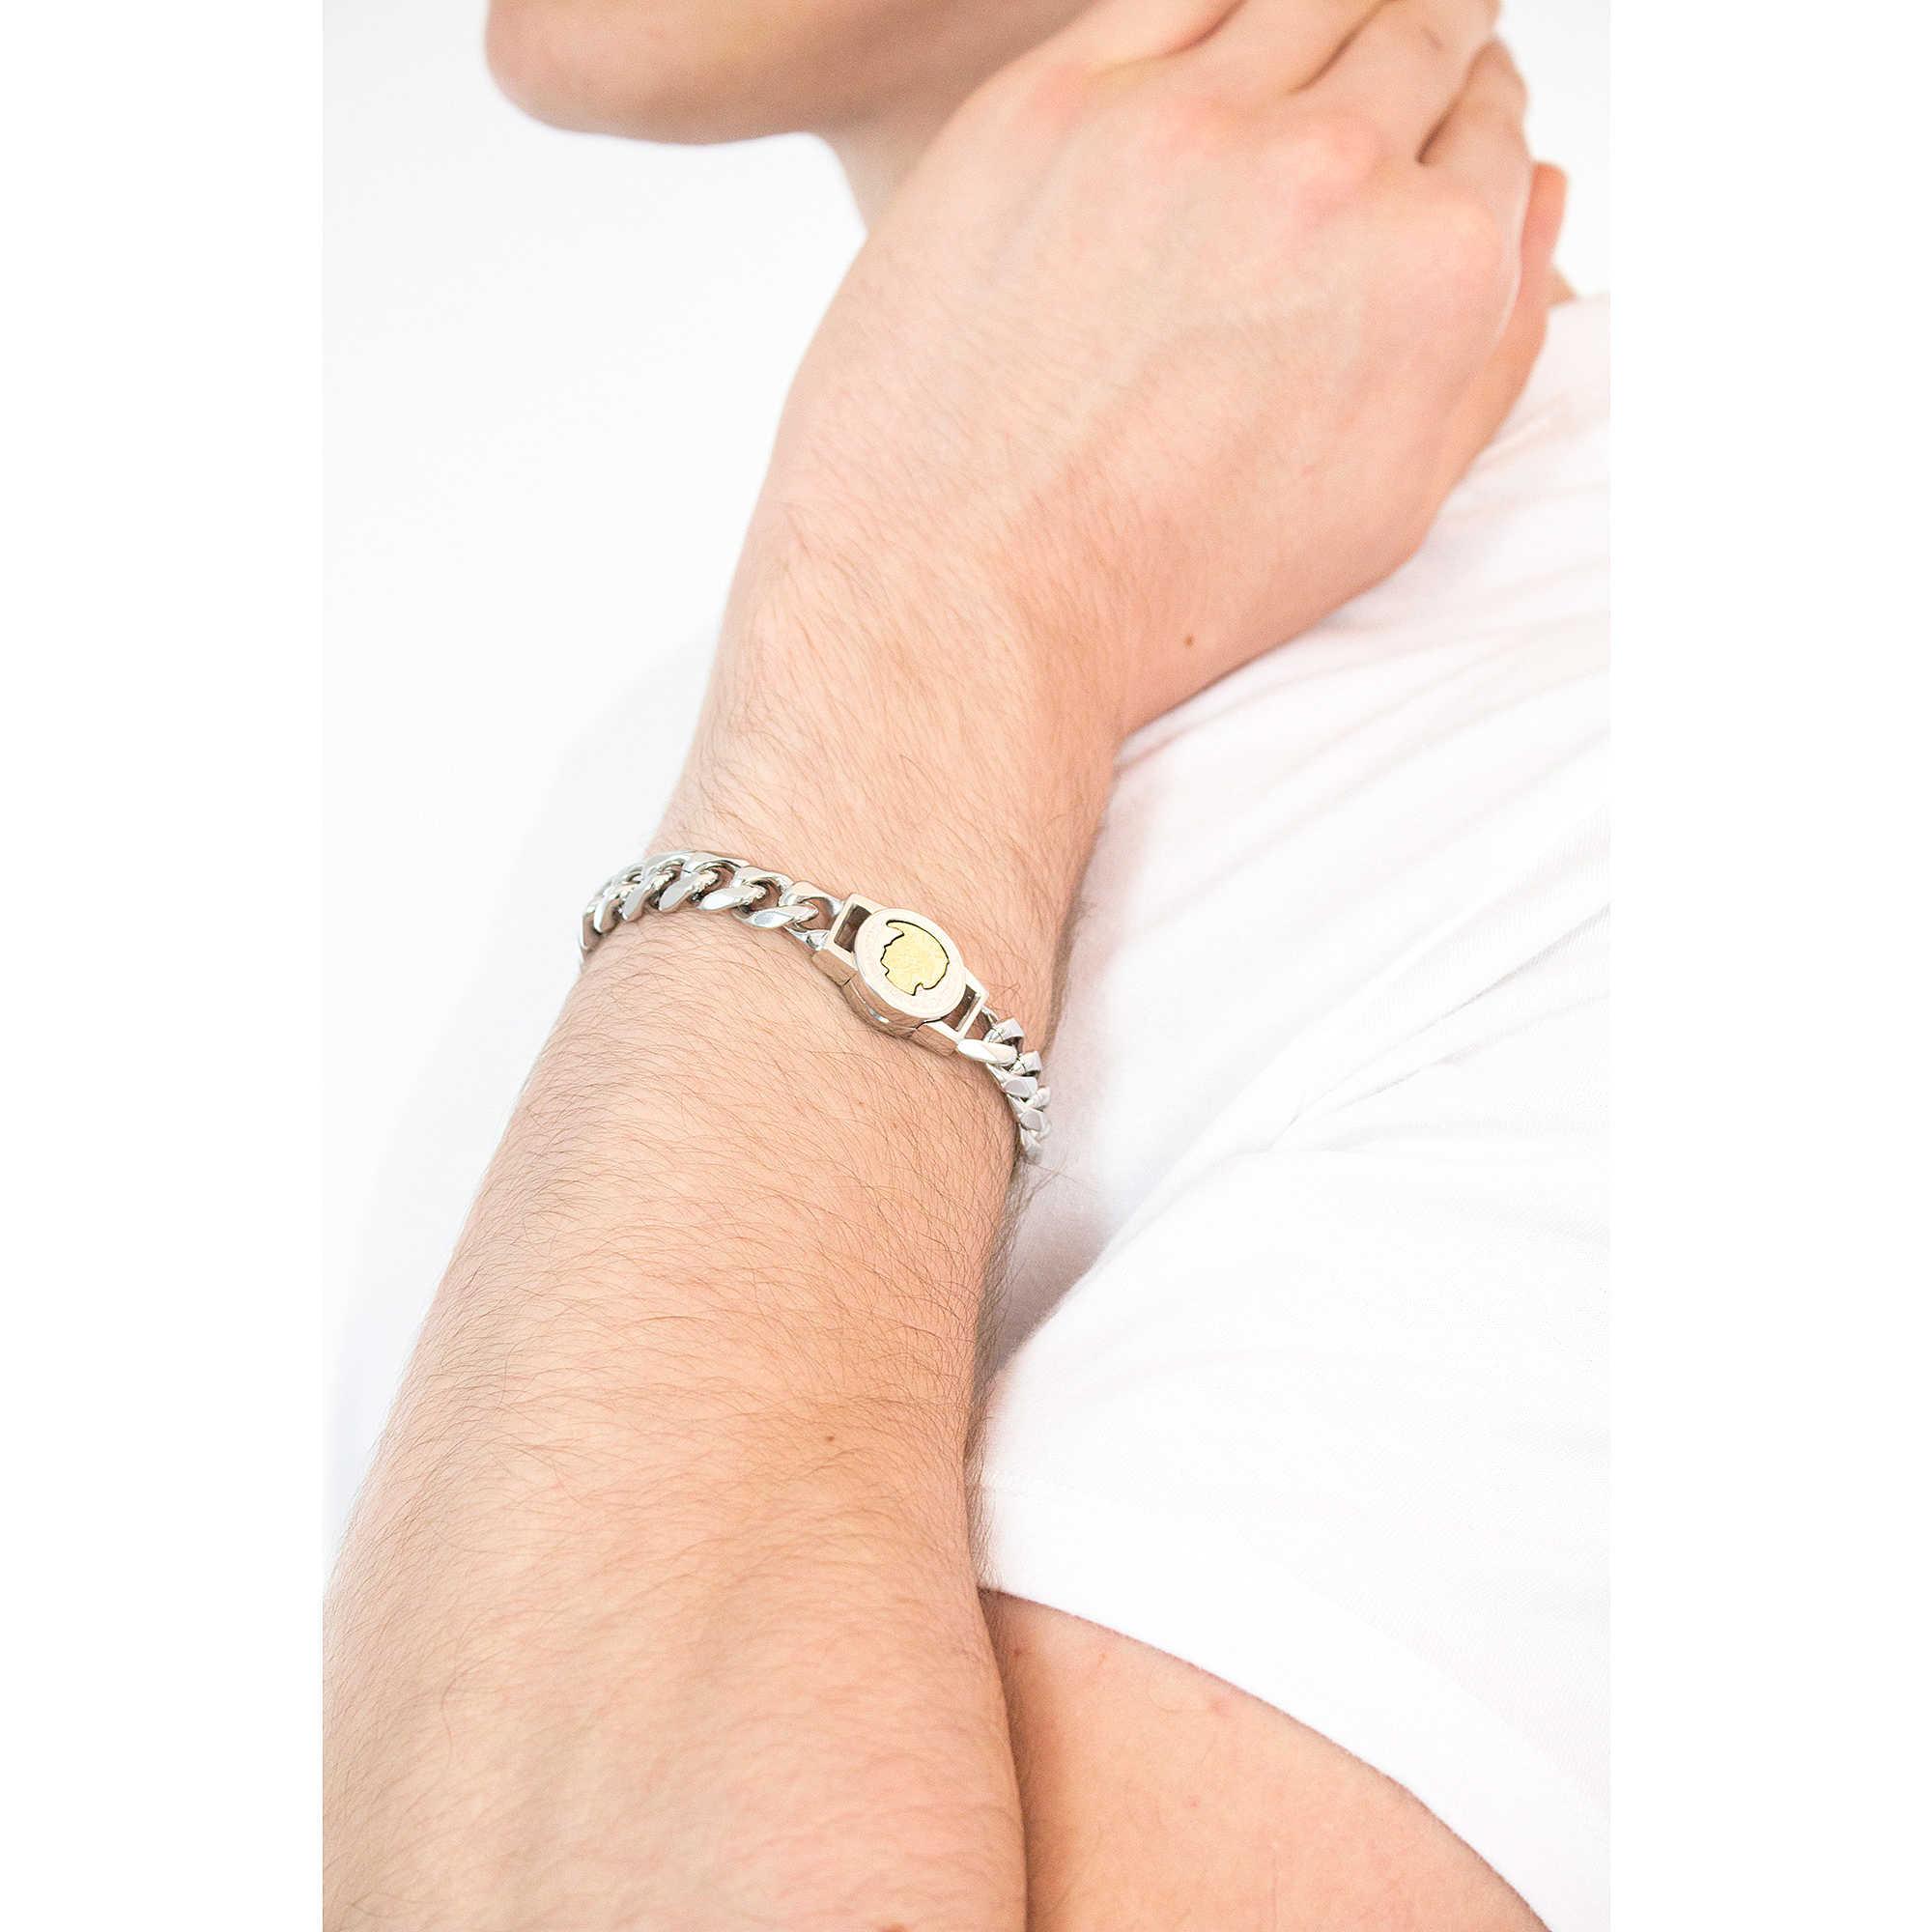 zoom · package bracelets Diesel DX1124040. zoom · bracelet man jewellery  Diesel Steel DX1124040. zoom. prev 67d0f2a600fb